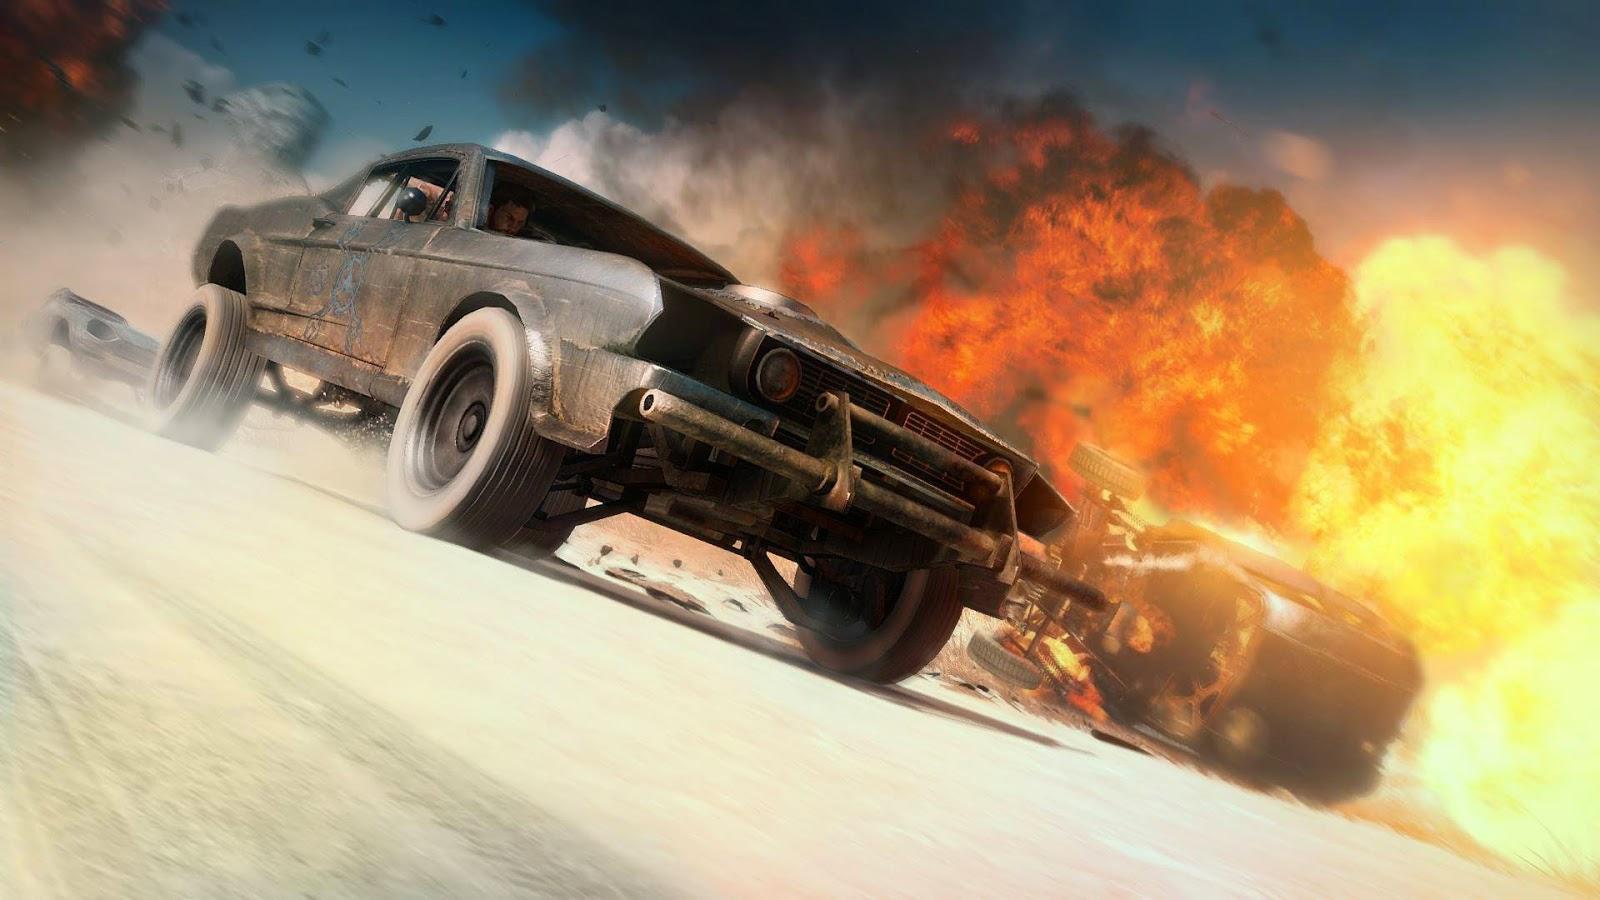 Δες το πόσο πολύπλοκες είναι οι σκηνές καταδίωξης στη νέα ταινία Mad Max Getaway Car, Mad Max, movie cars, videos